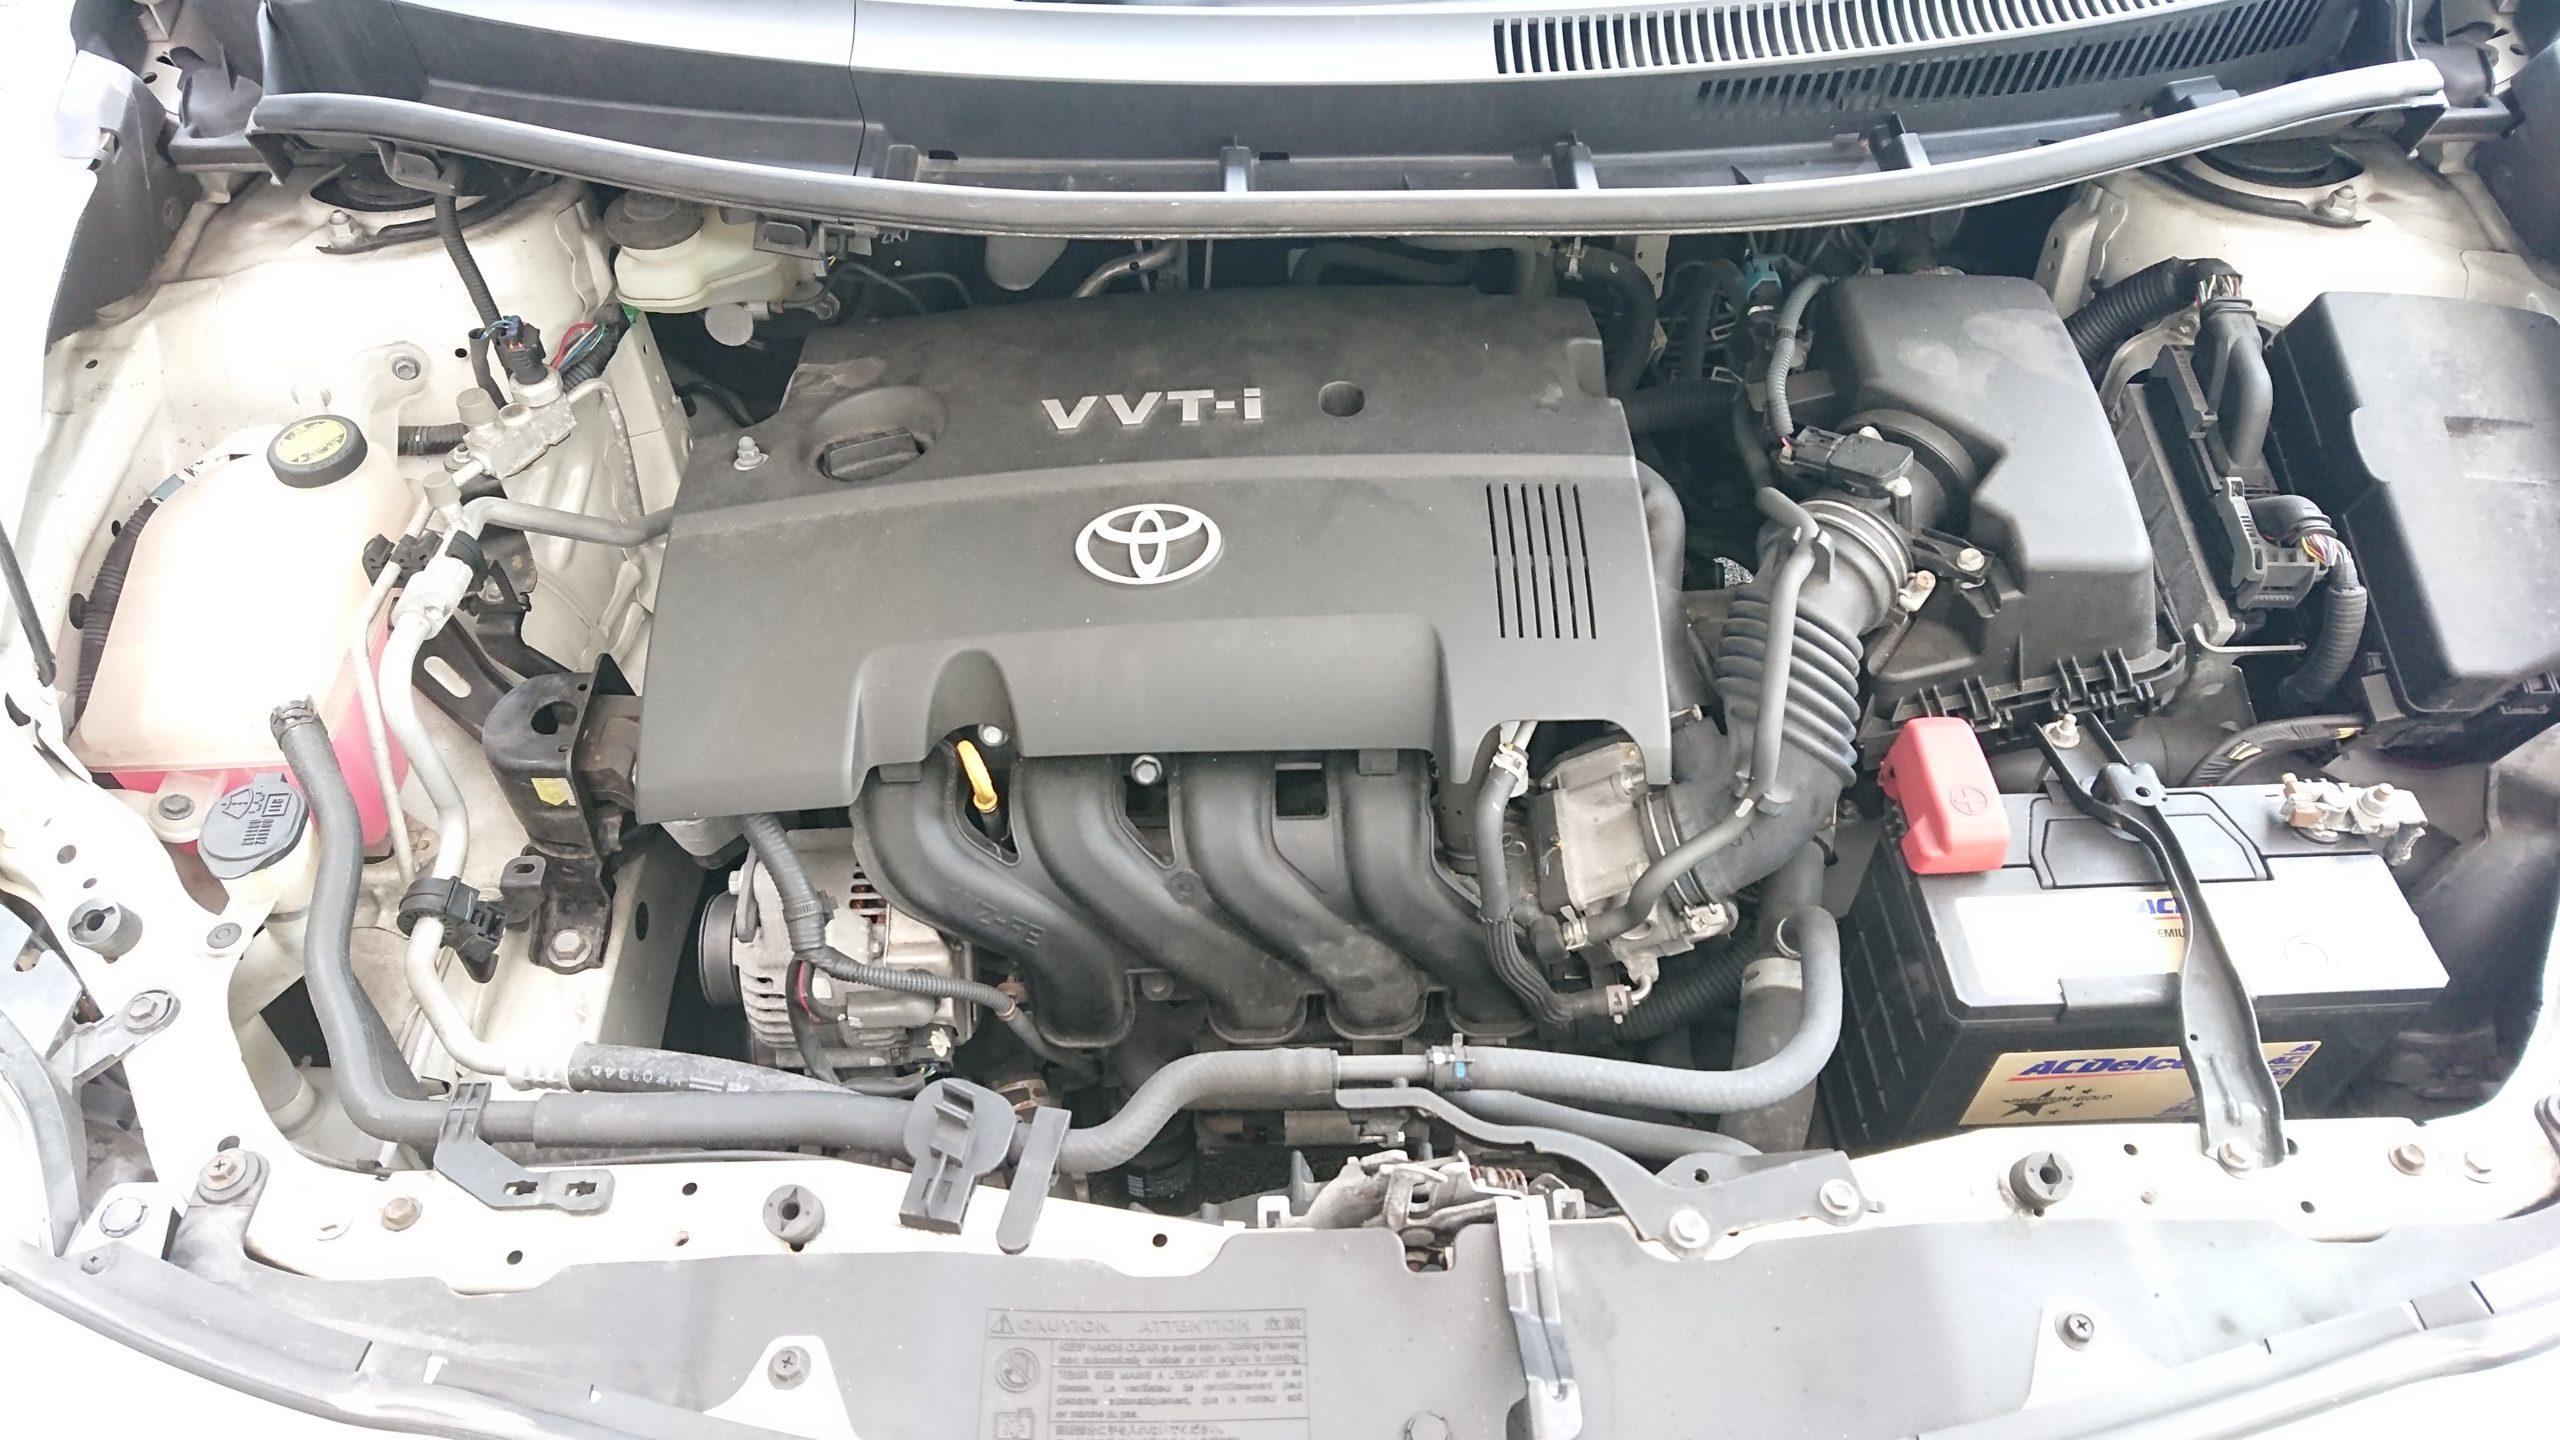 ハイブリッド車のエアコン使用時の燃費について